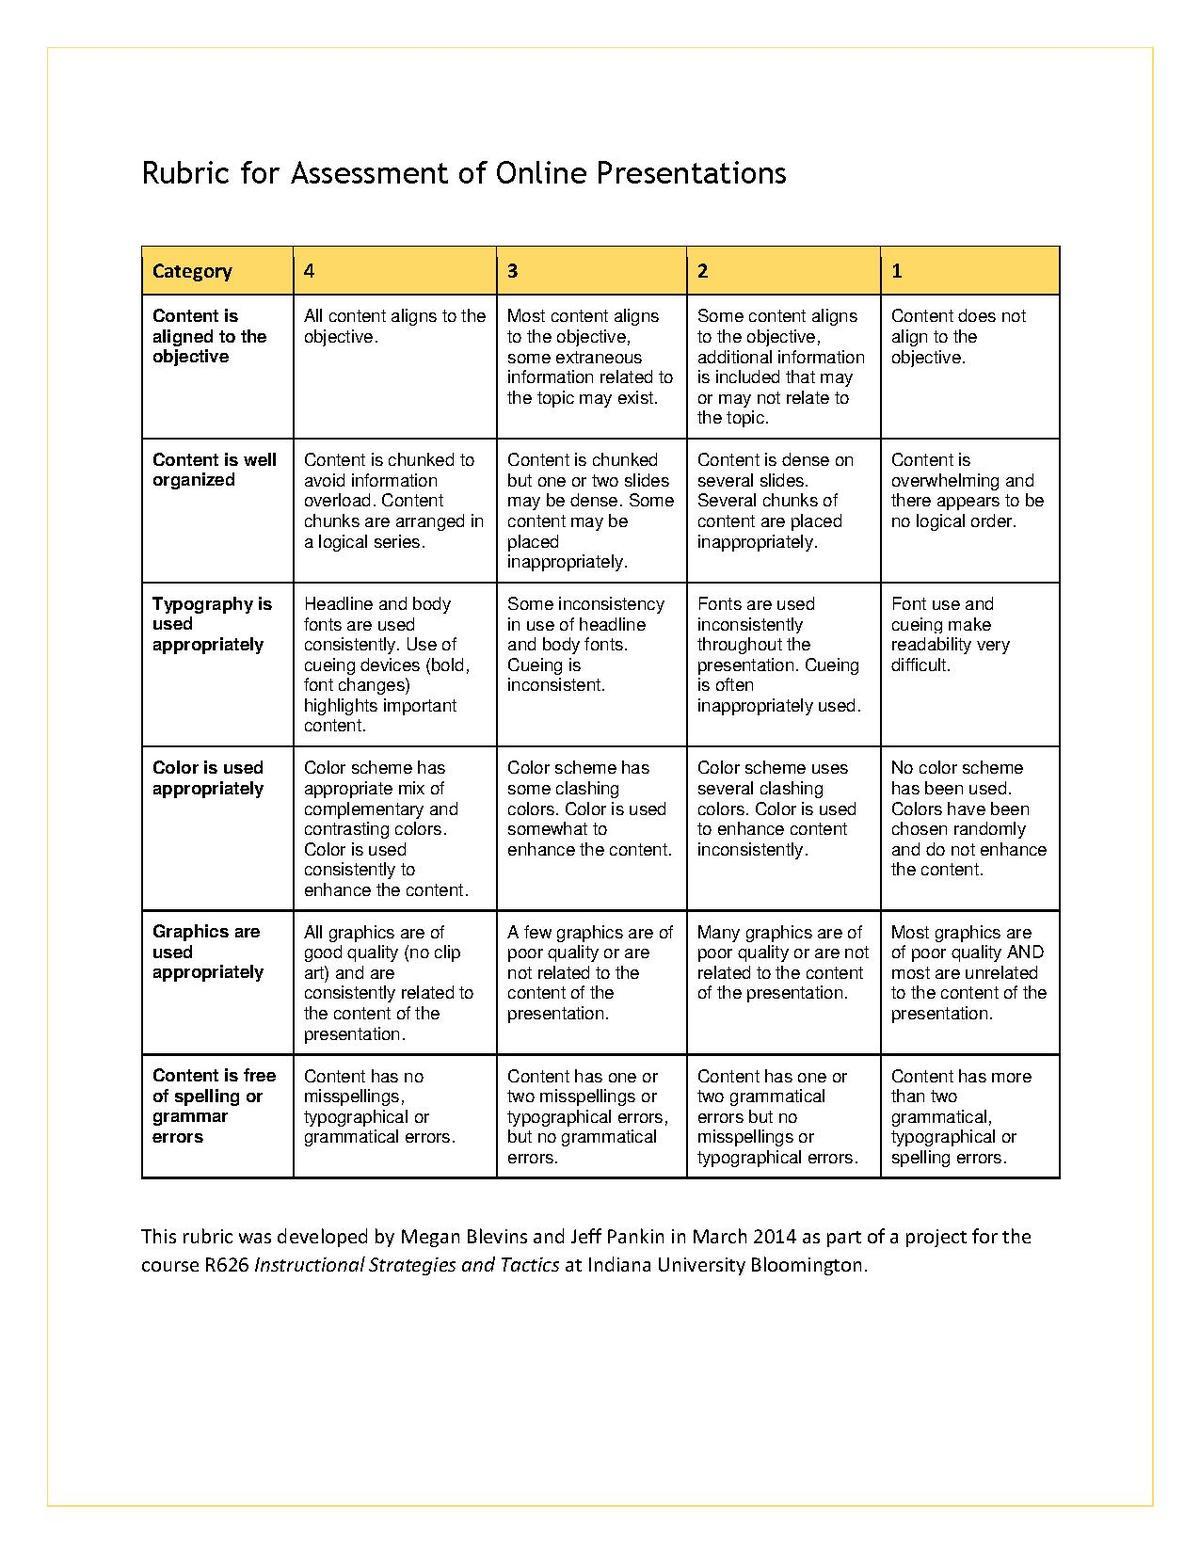 Instructional Design Online Presentations Assessing An